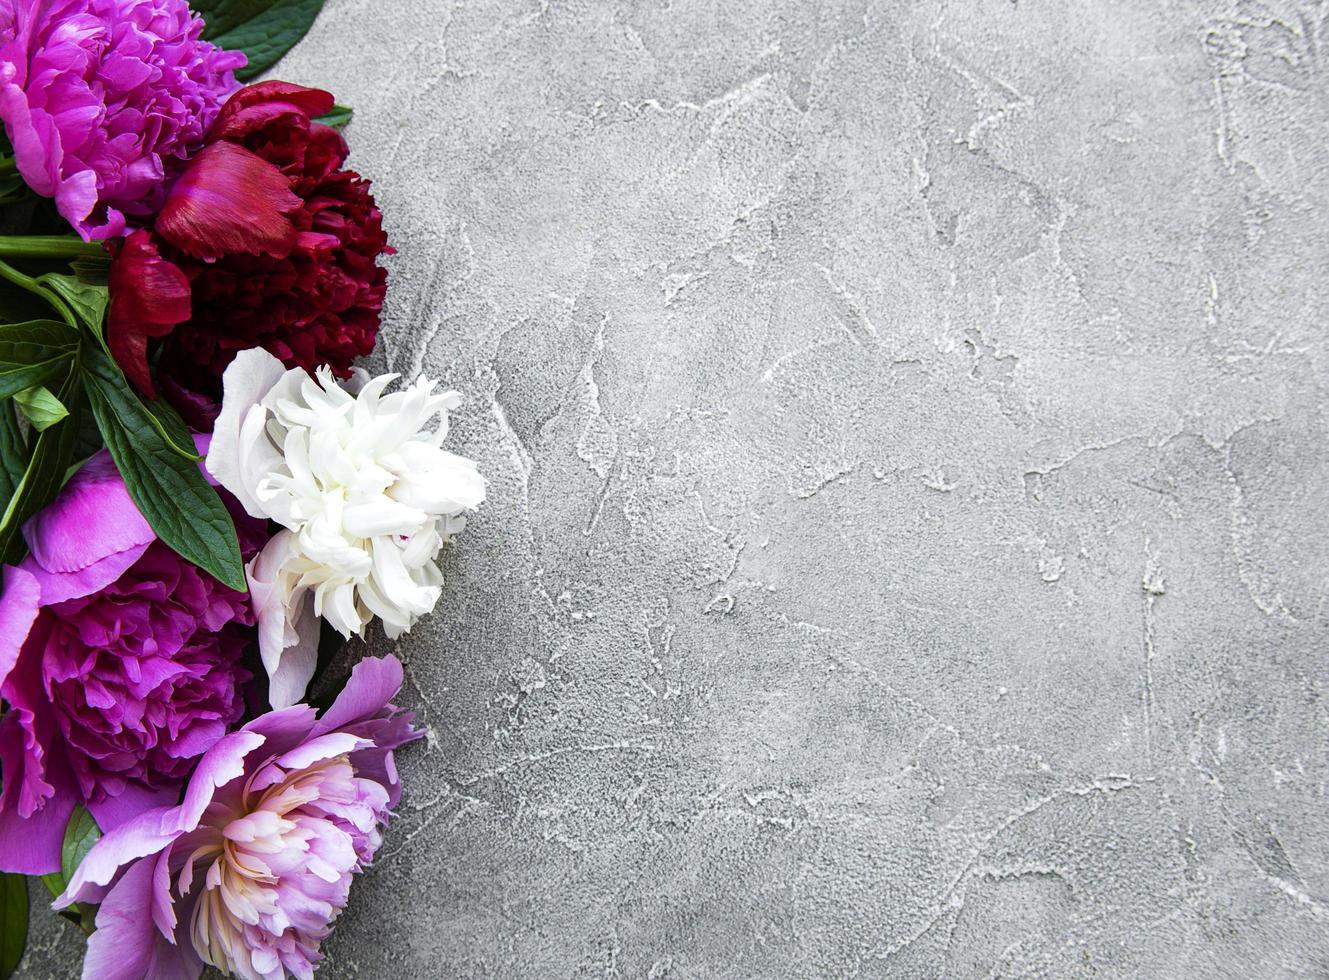 peony bloemen op een grijze betonnen achtergrond foto